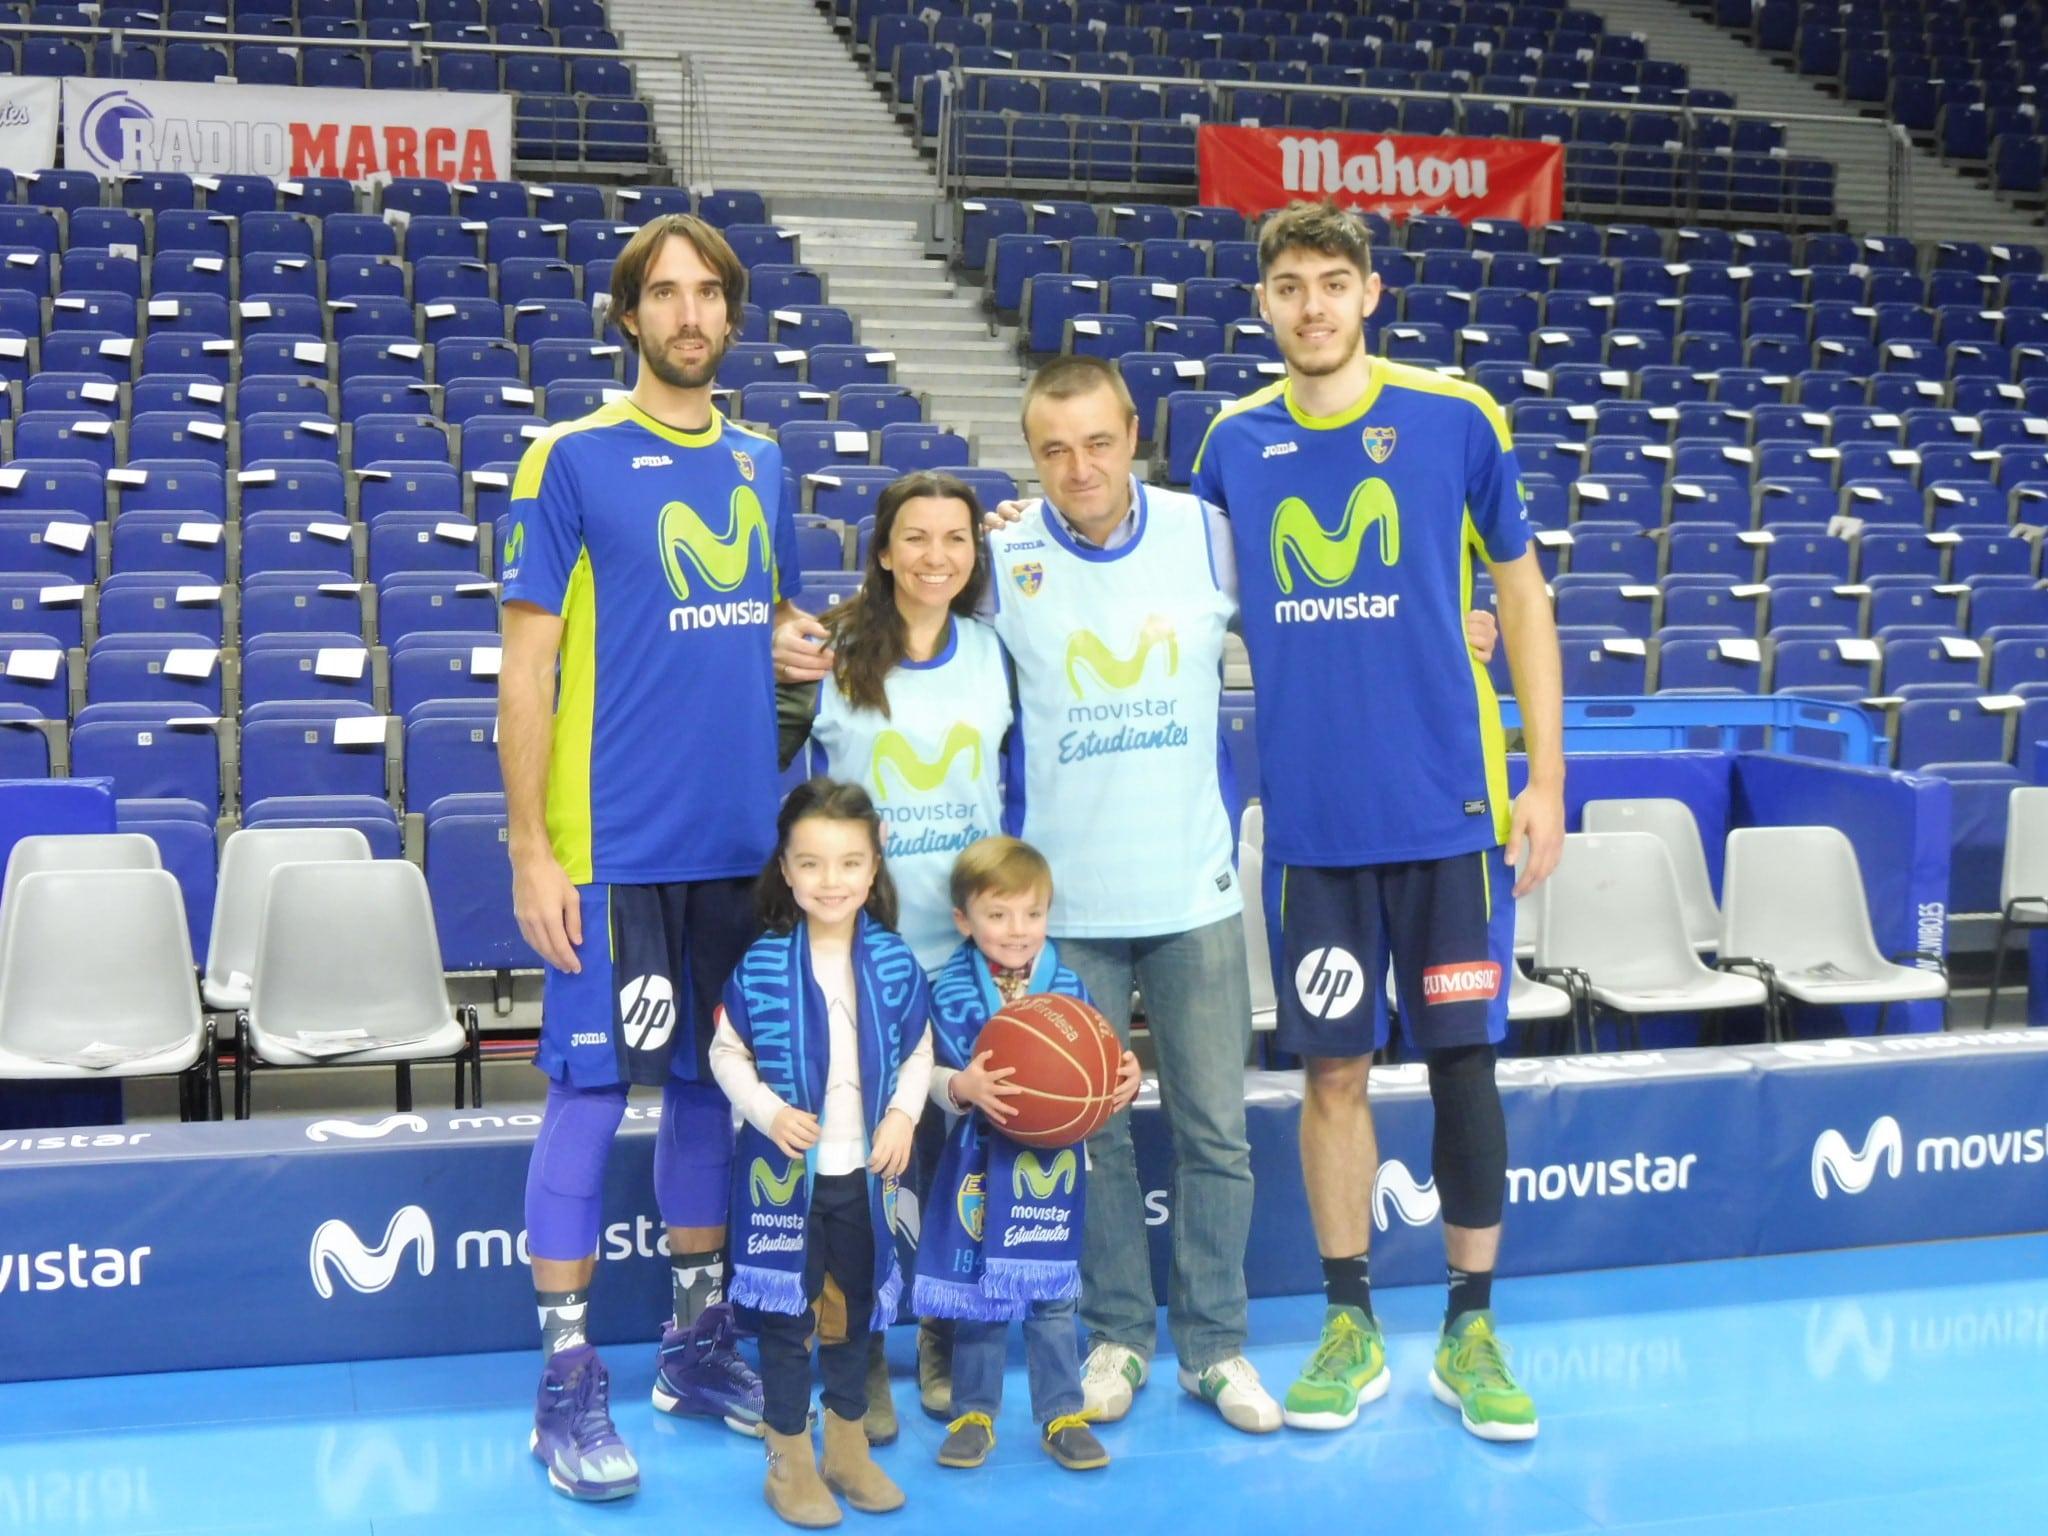 Enrique, Raquel e hijos vibraron así con la experiencia Vive Movistar ¿quieres ser el siguiente? Participa